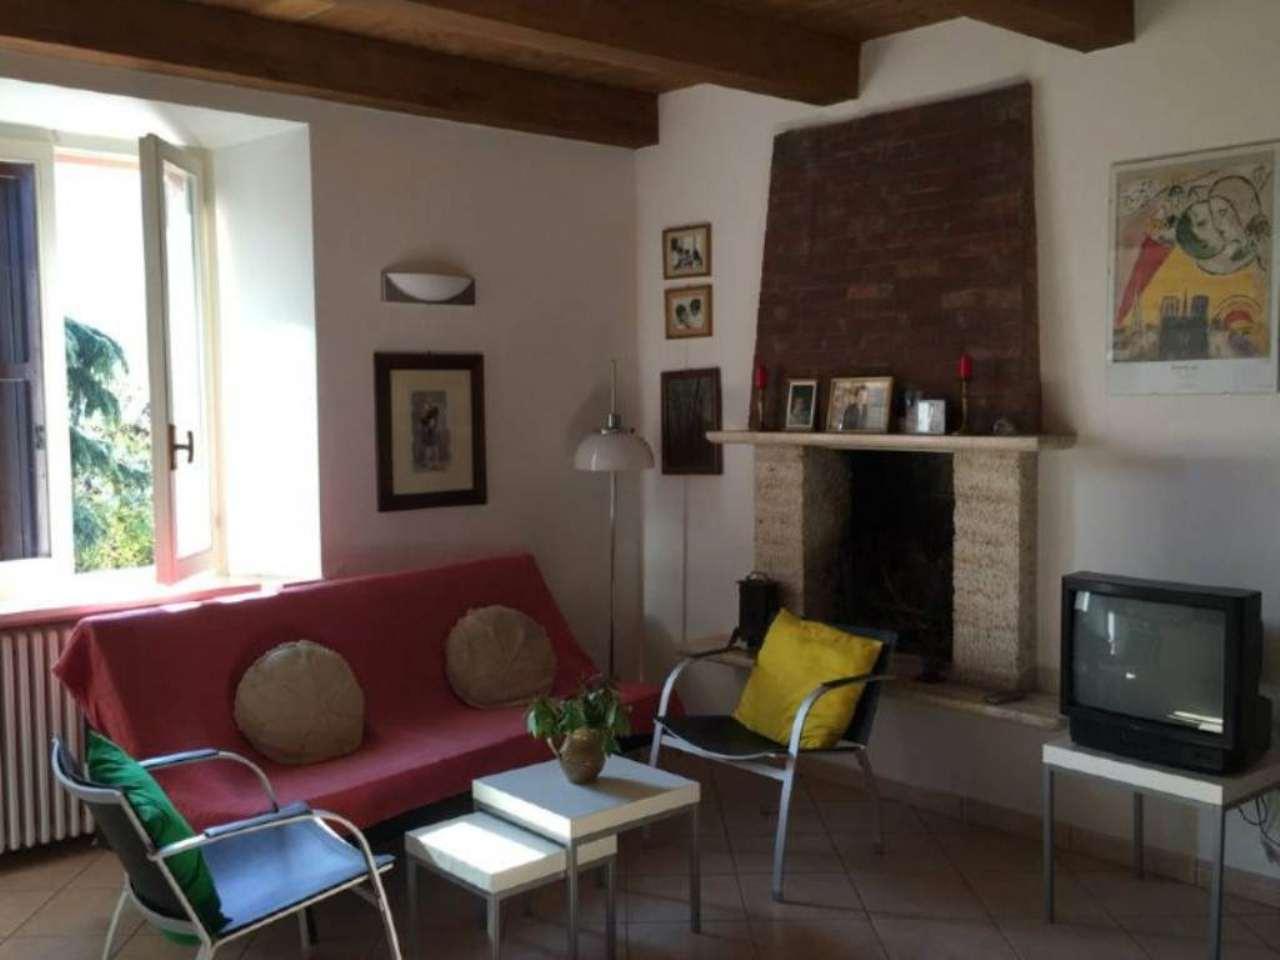 Appartamento in vendita a Sarsina, 4 locali, prezzo € 133.000 | CambioCasa.it